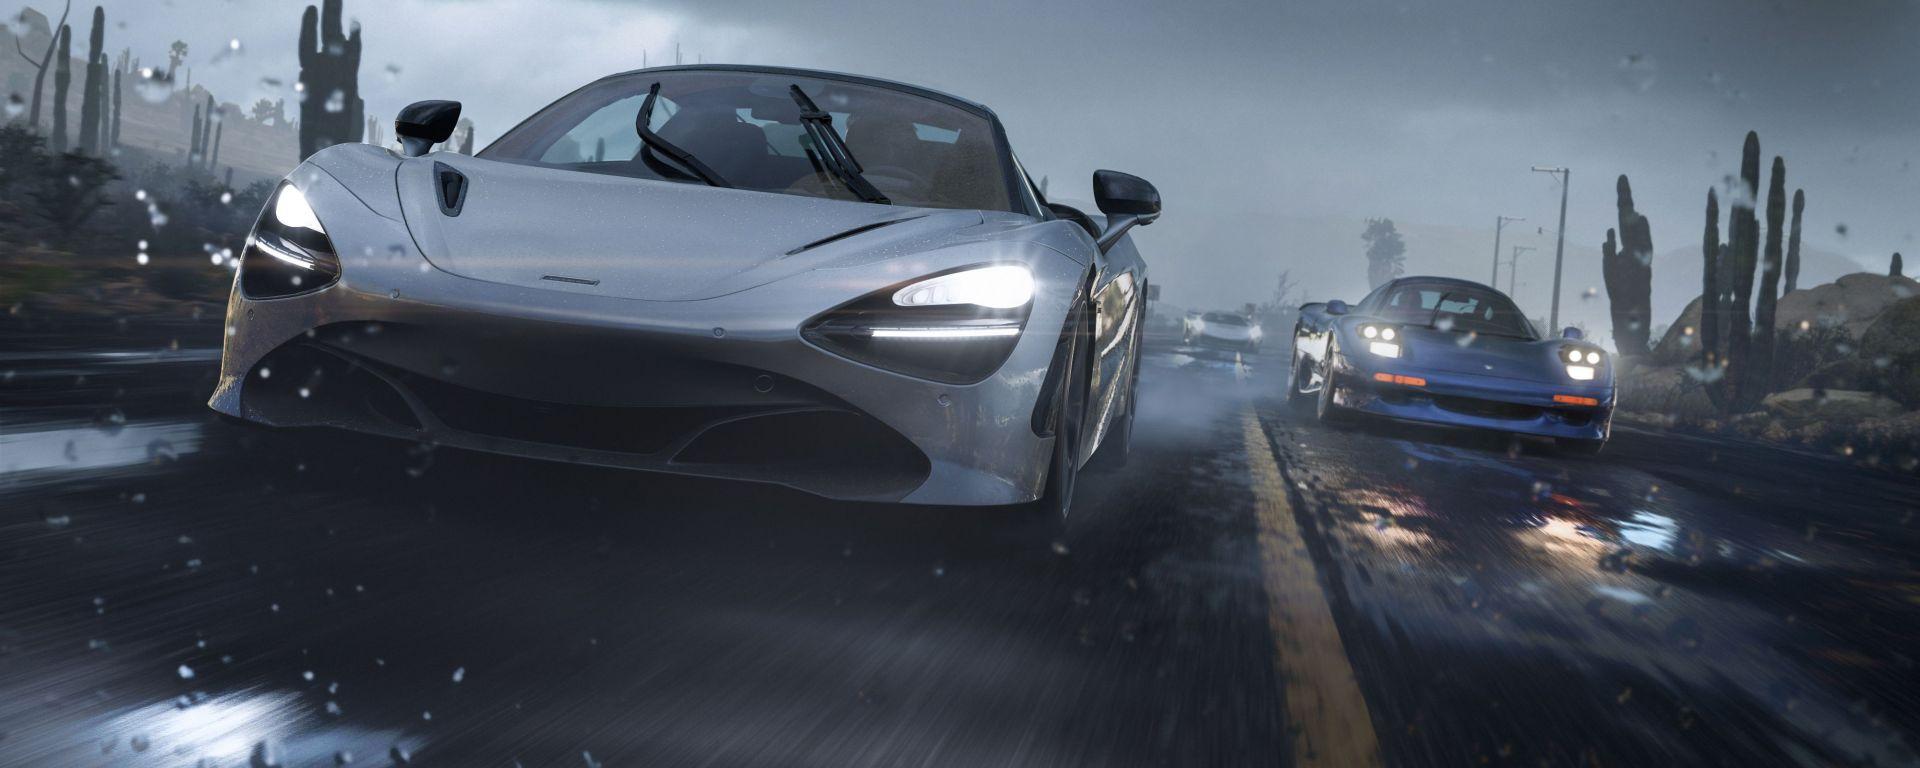 Forza Horizon 5: screenshot del nuovo gioco di corse di Microsoft